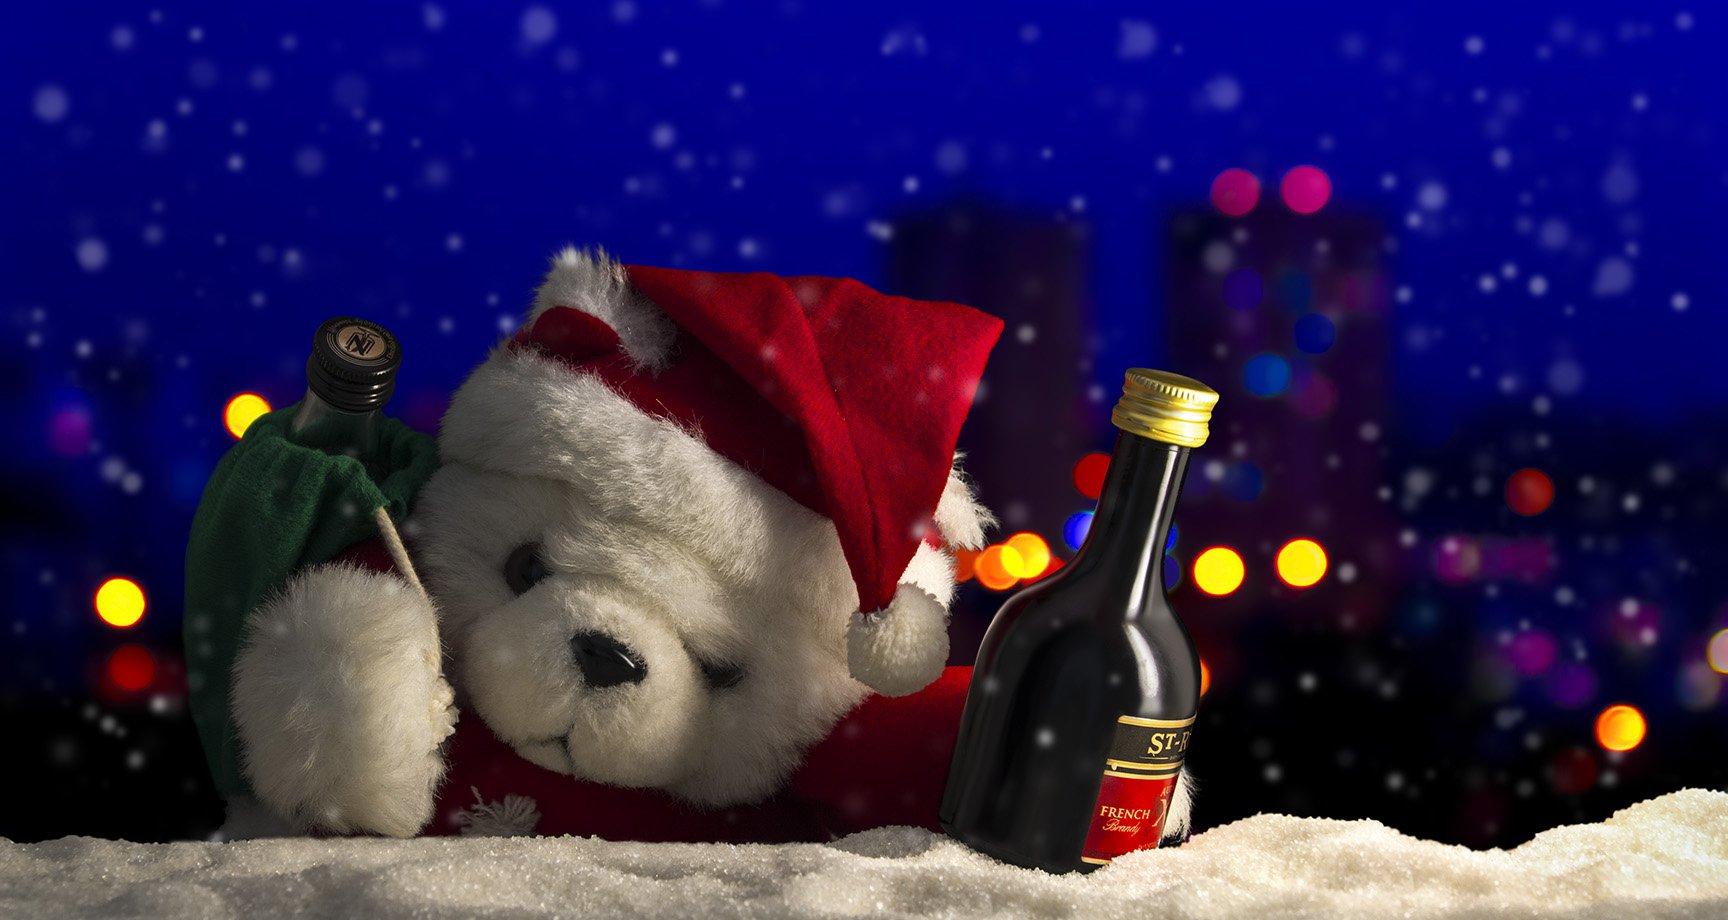 Мишка, Дед Мороз, Новый год, зима, снег, огни, мороз, алкоголь, Фото Брест